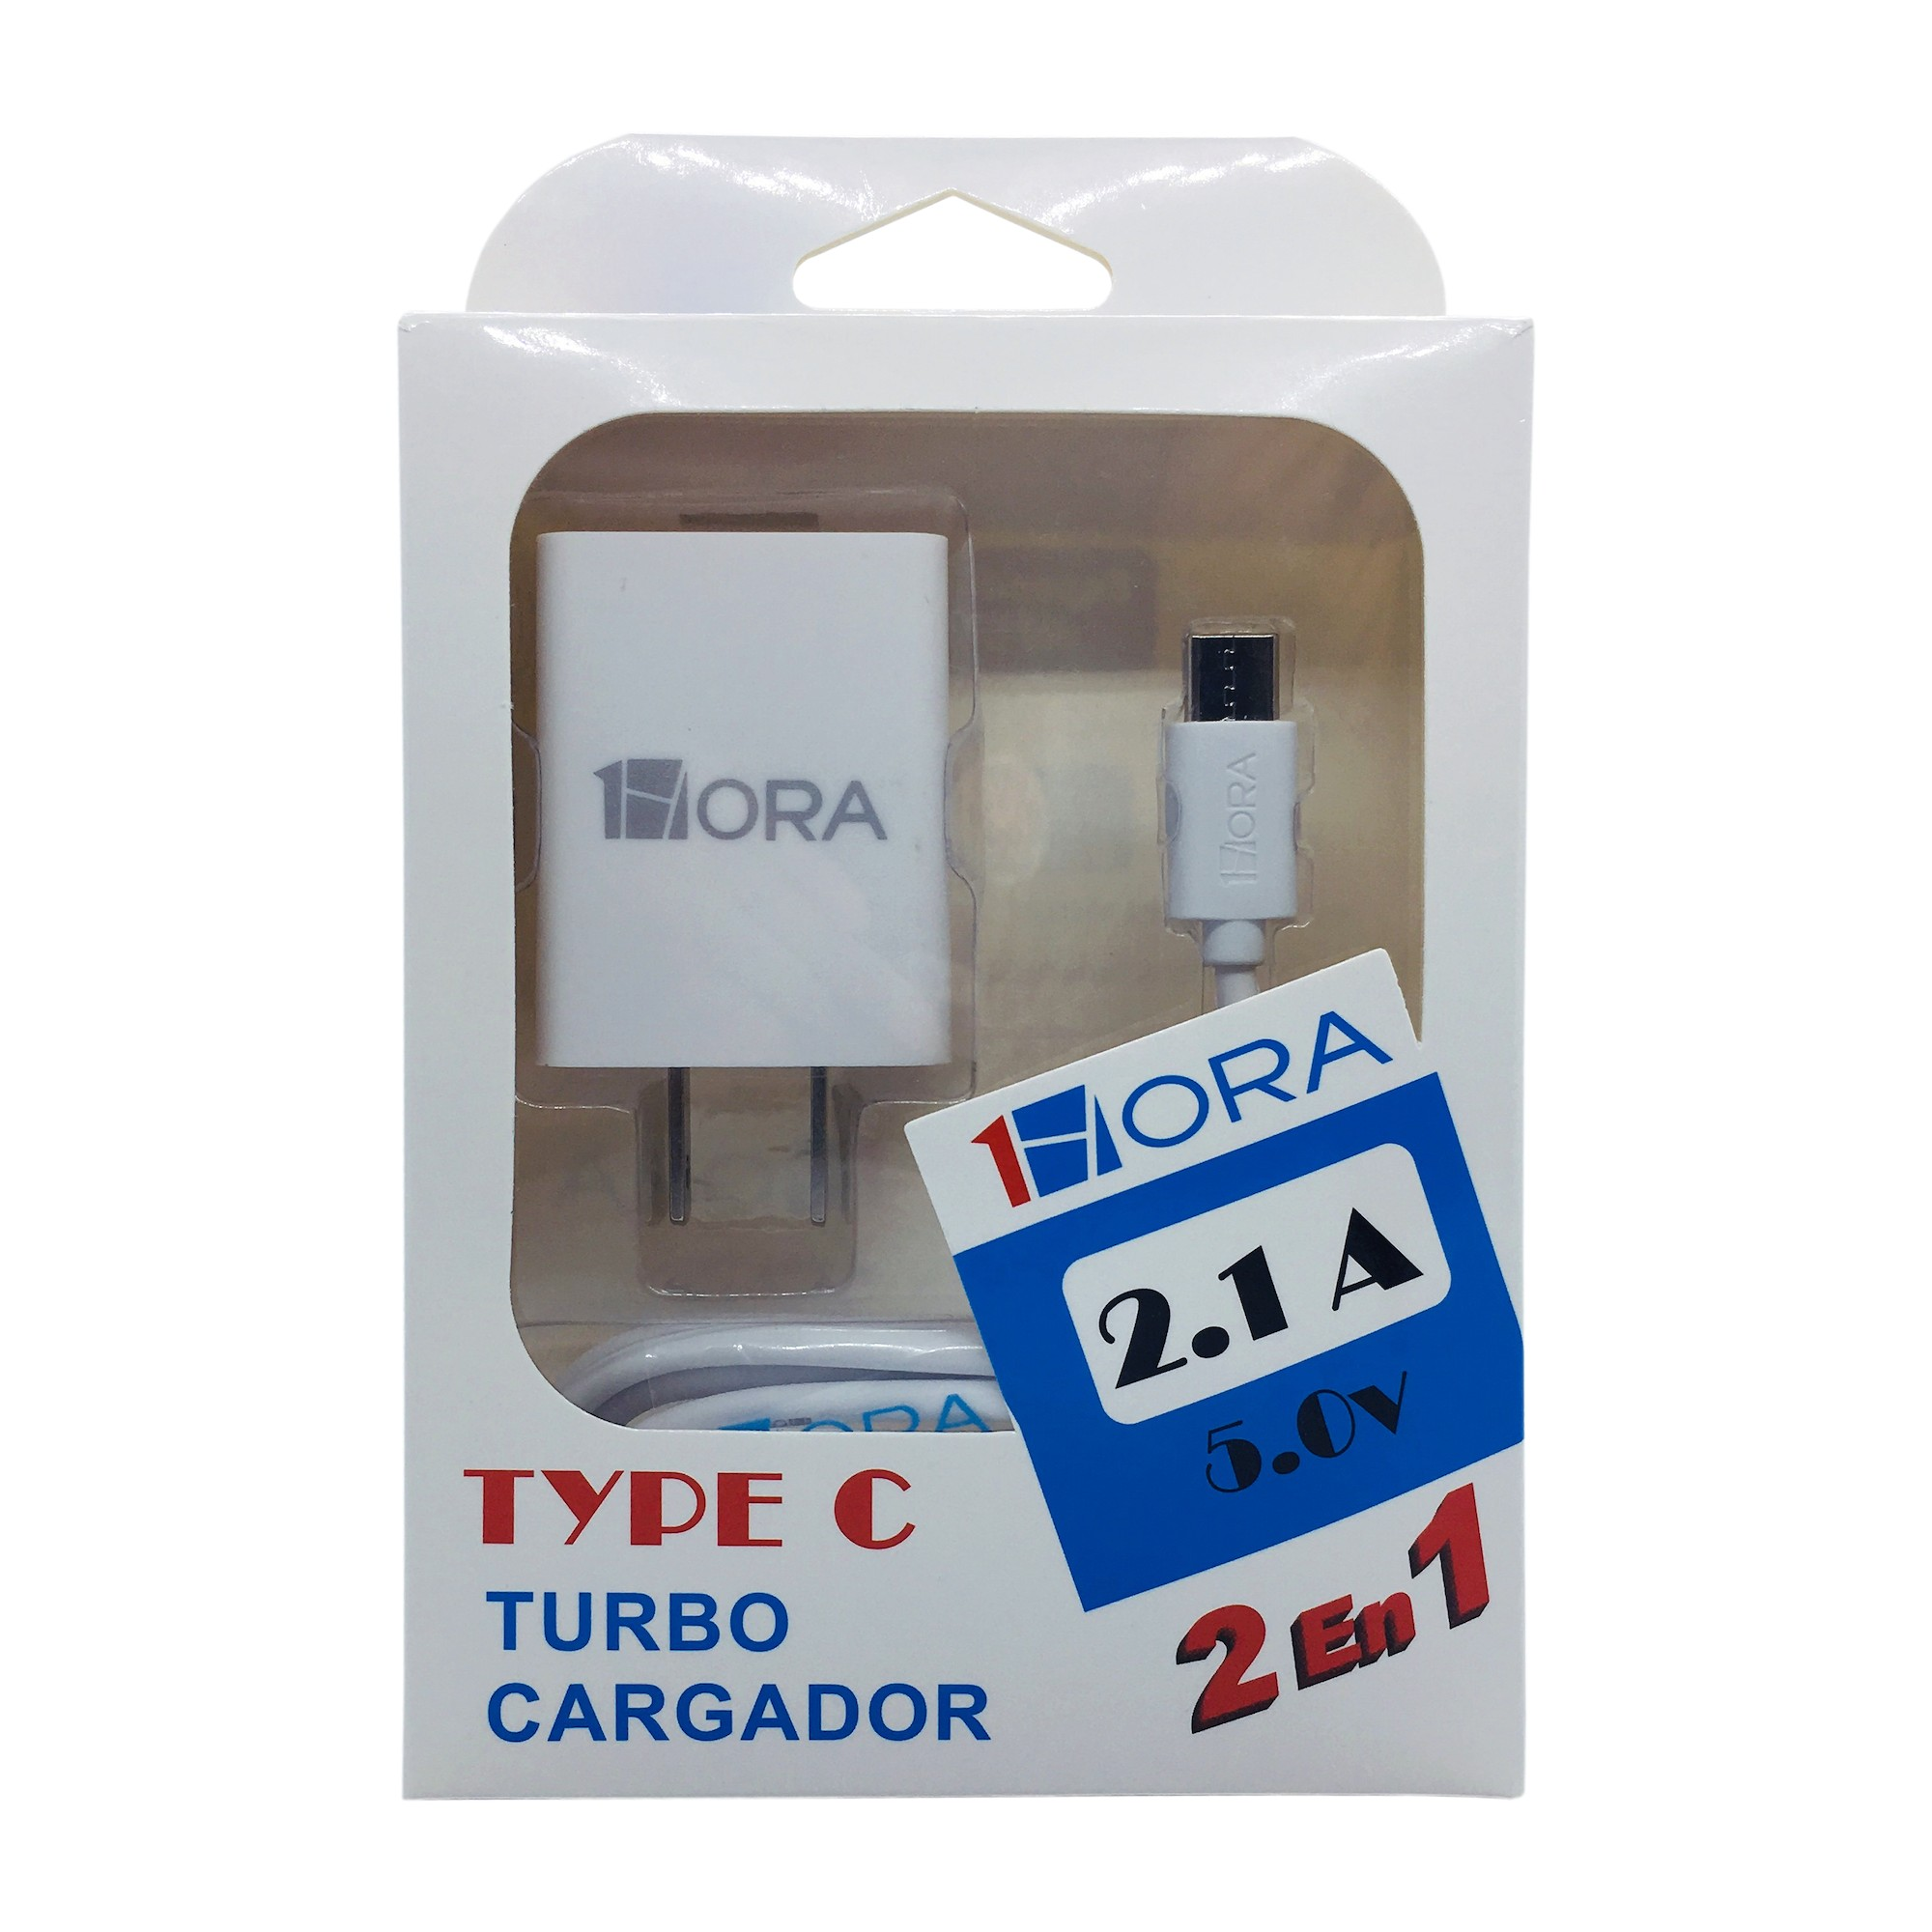 Turbo Cargador 2 en 1